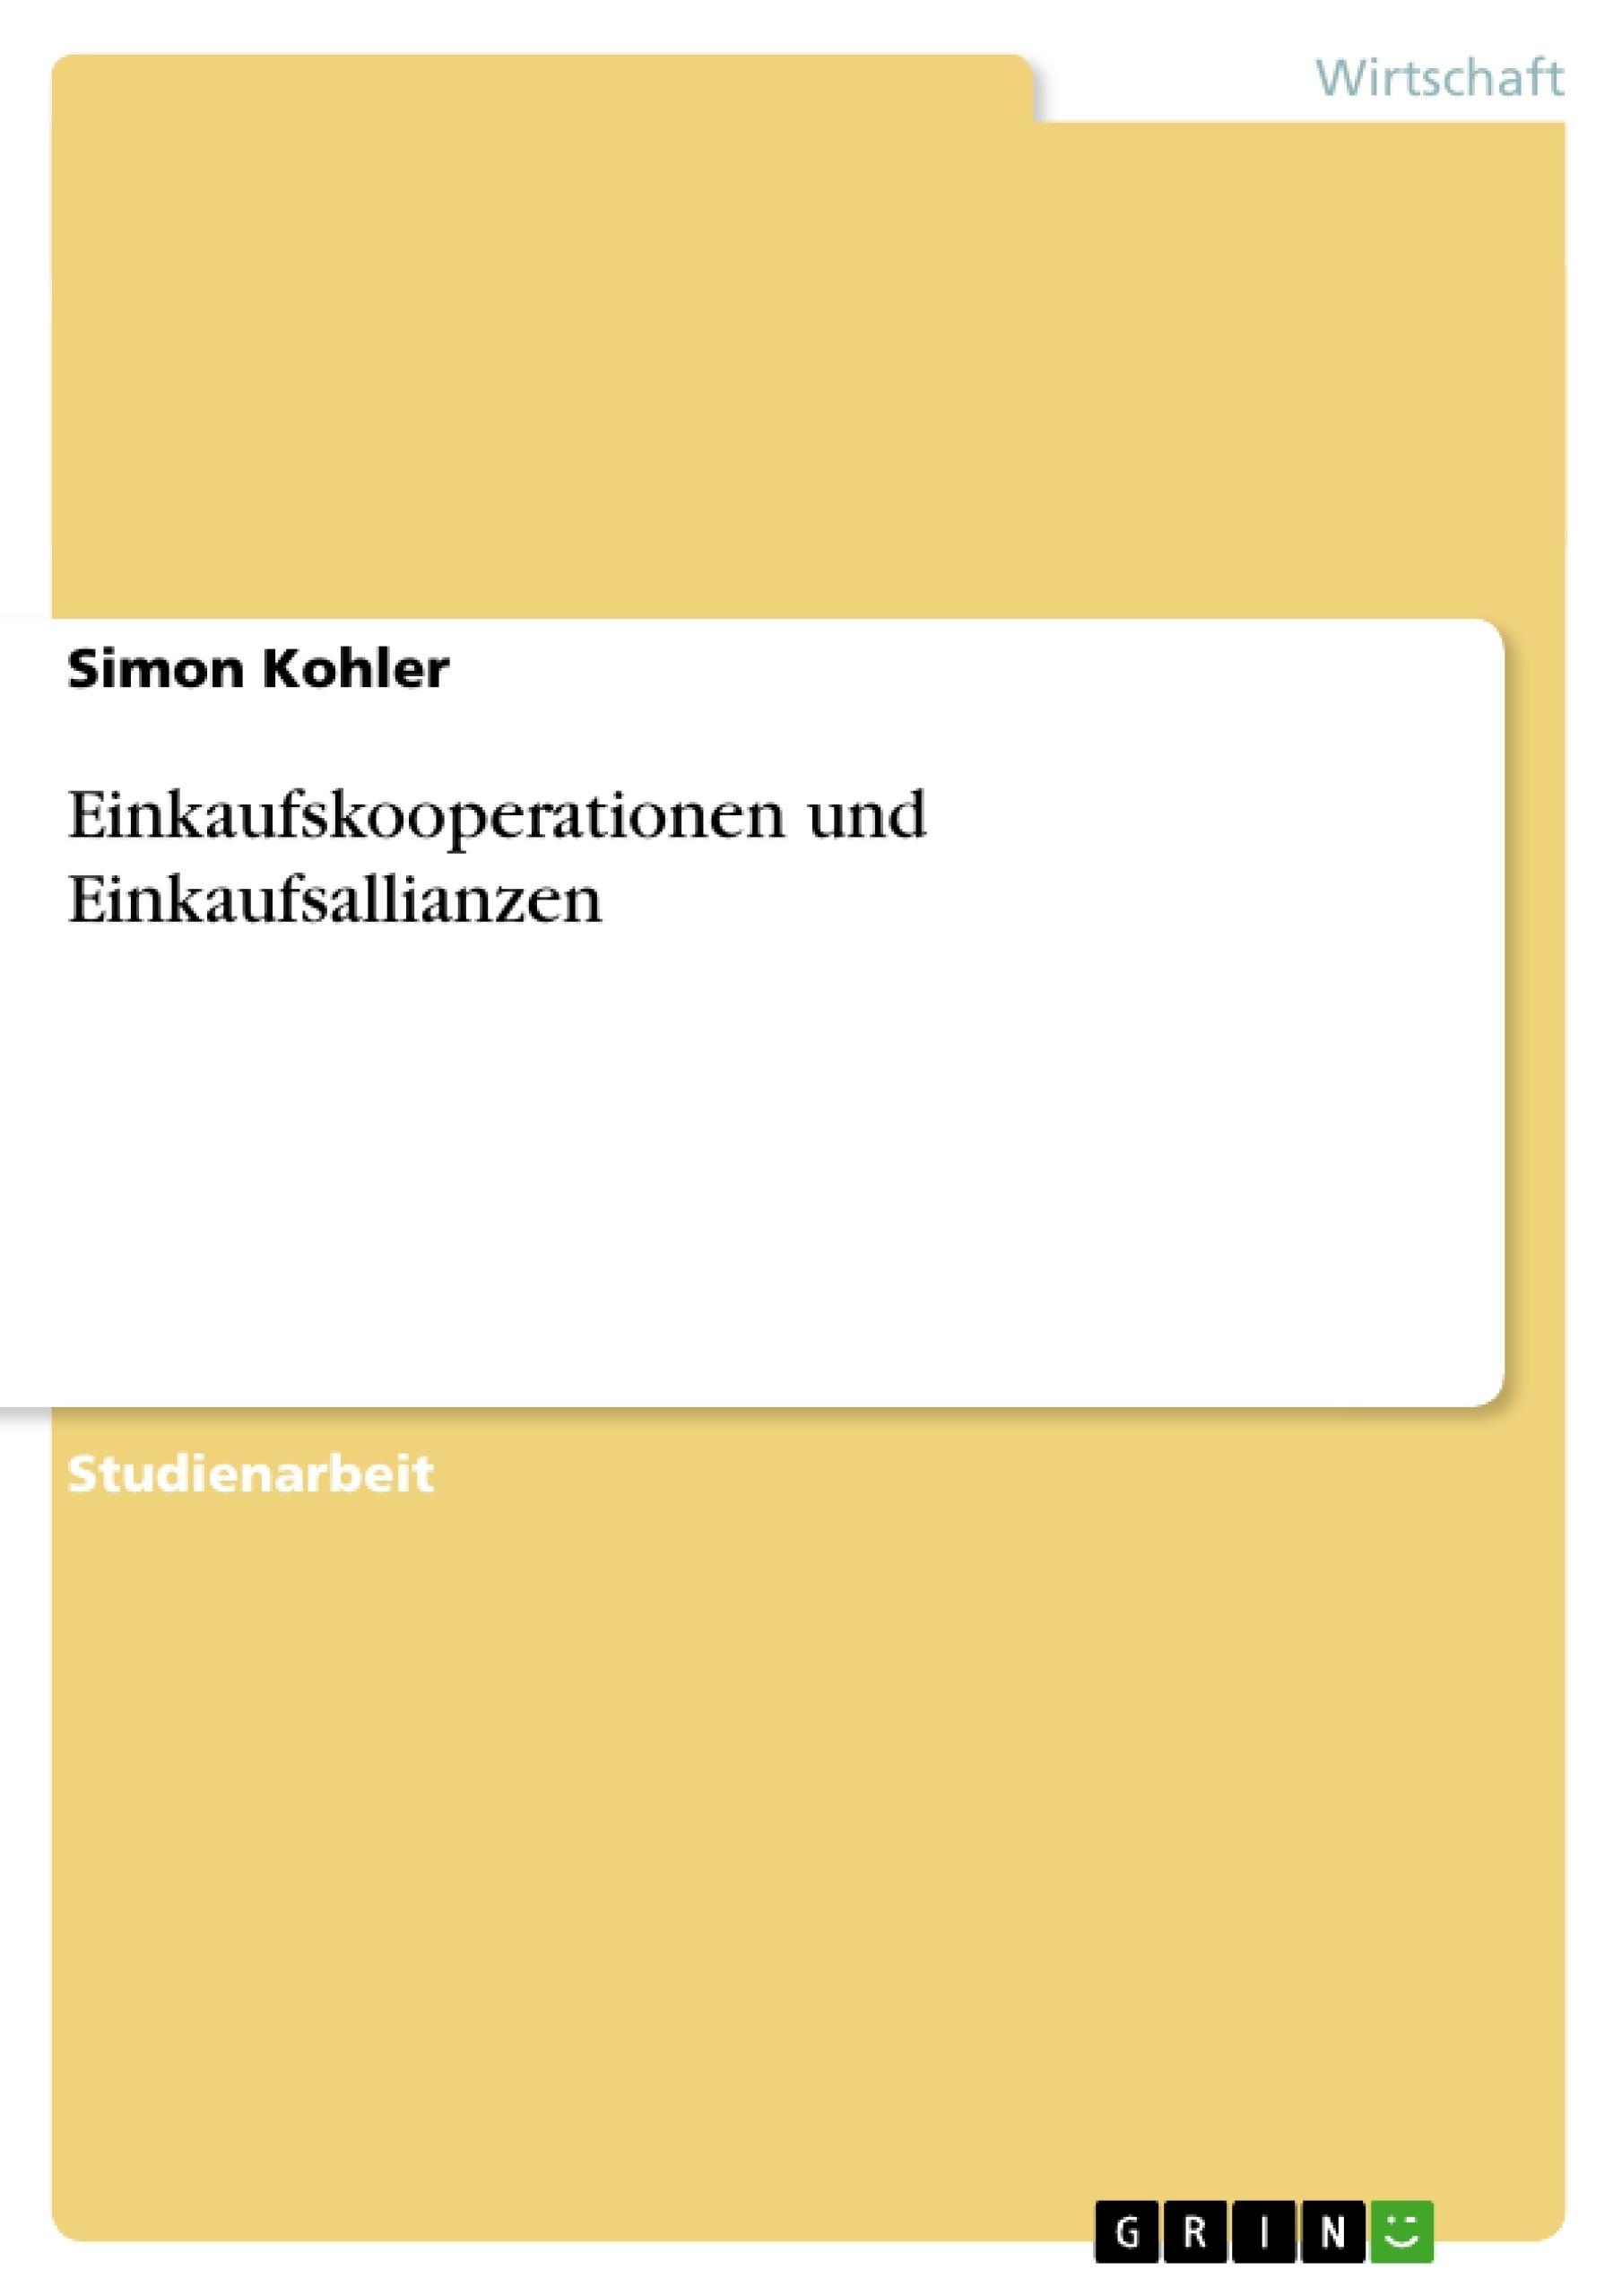 Titel: Einkaufskooperationen und Einkaufsallianzen